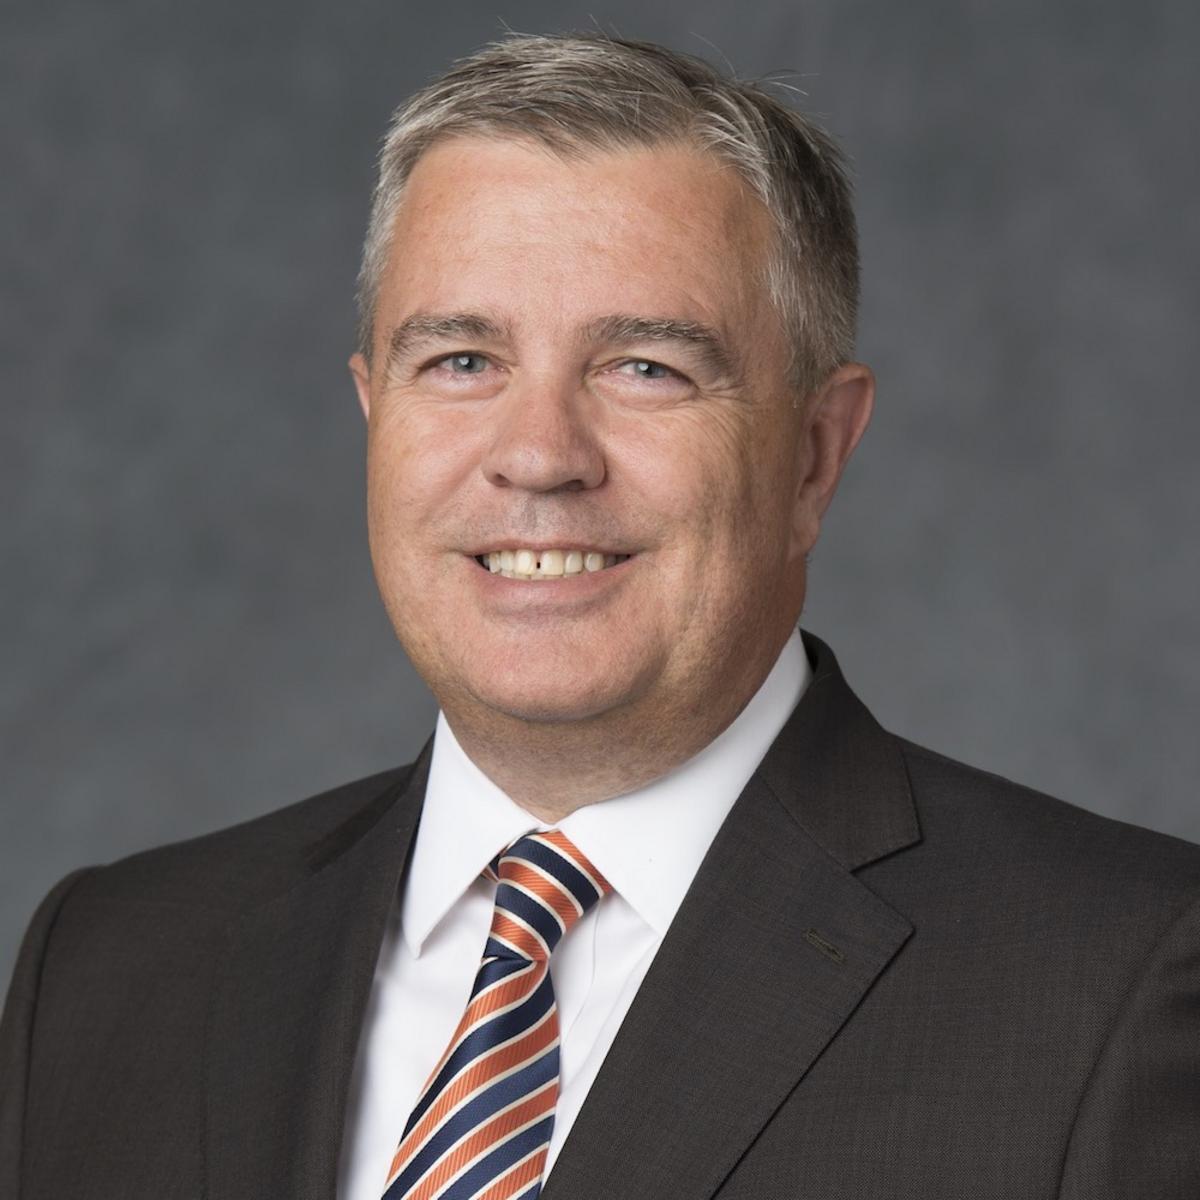 Öldungur Martin J. Turvey